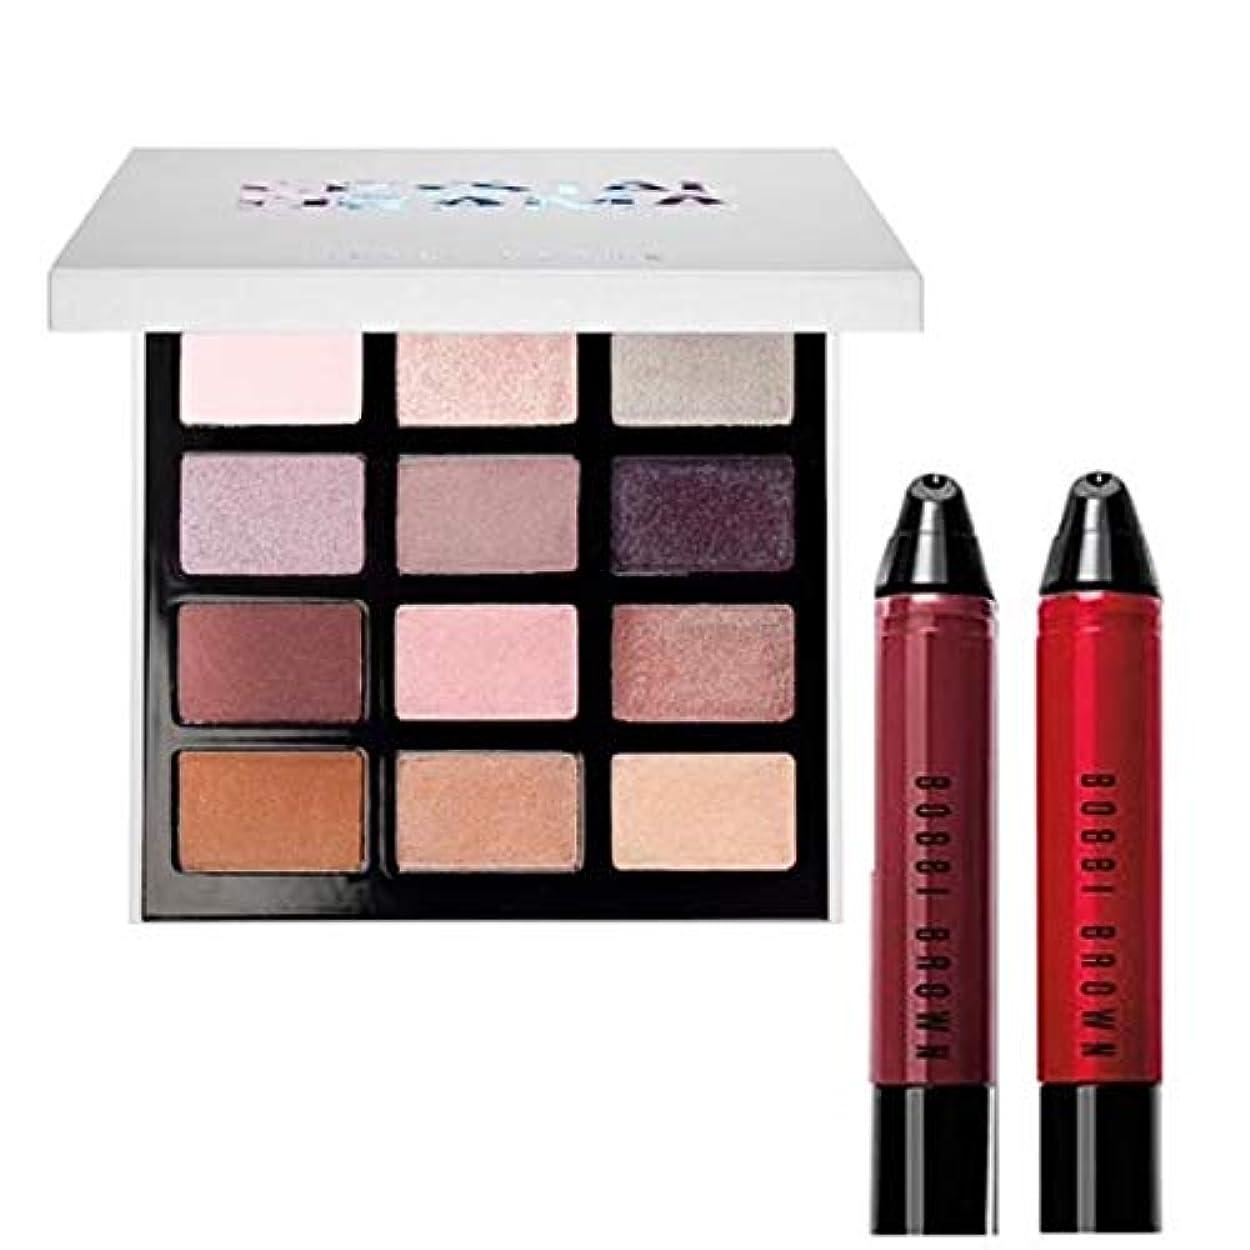 ミネラルにおい絵Bobbi Brown 限定版,Crystal Drama Eyeshadow Palette & Lip Art Mini Art Stick Liquid Lip 2Set [海外直送品] [並行輸入品]